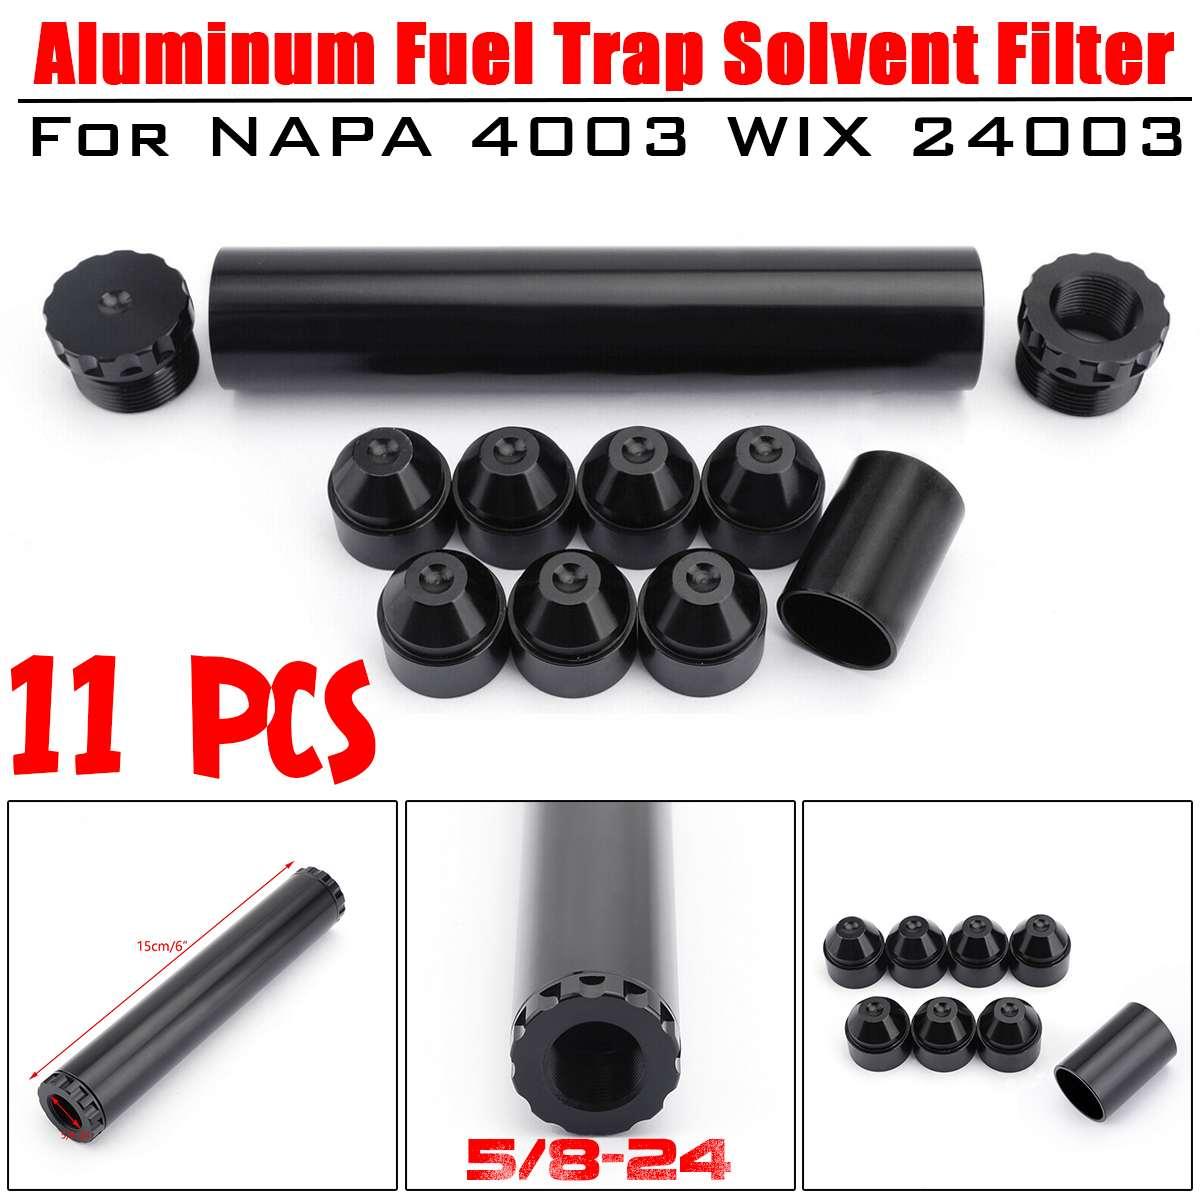 11 Pcs In Alluminio Nero 5/8-24 Carburante Trappola Solvente Filtro Per NAPA 4003 WIX 24003 Auto Filtri 1x6 (OD: 1.050